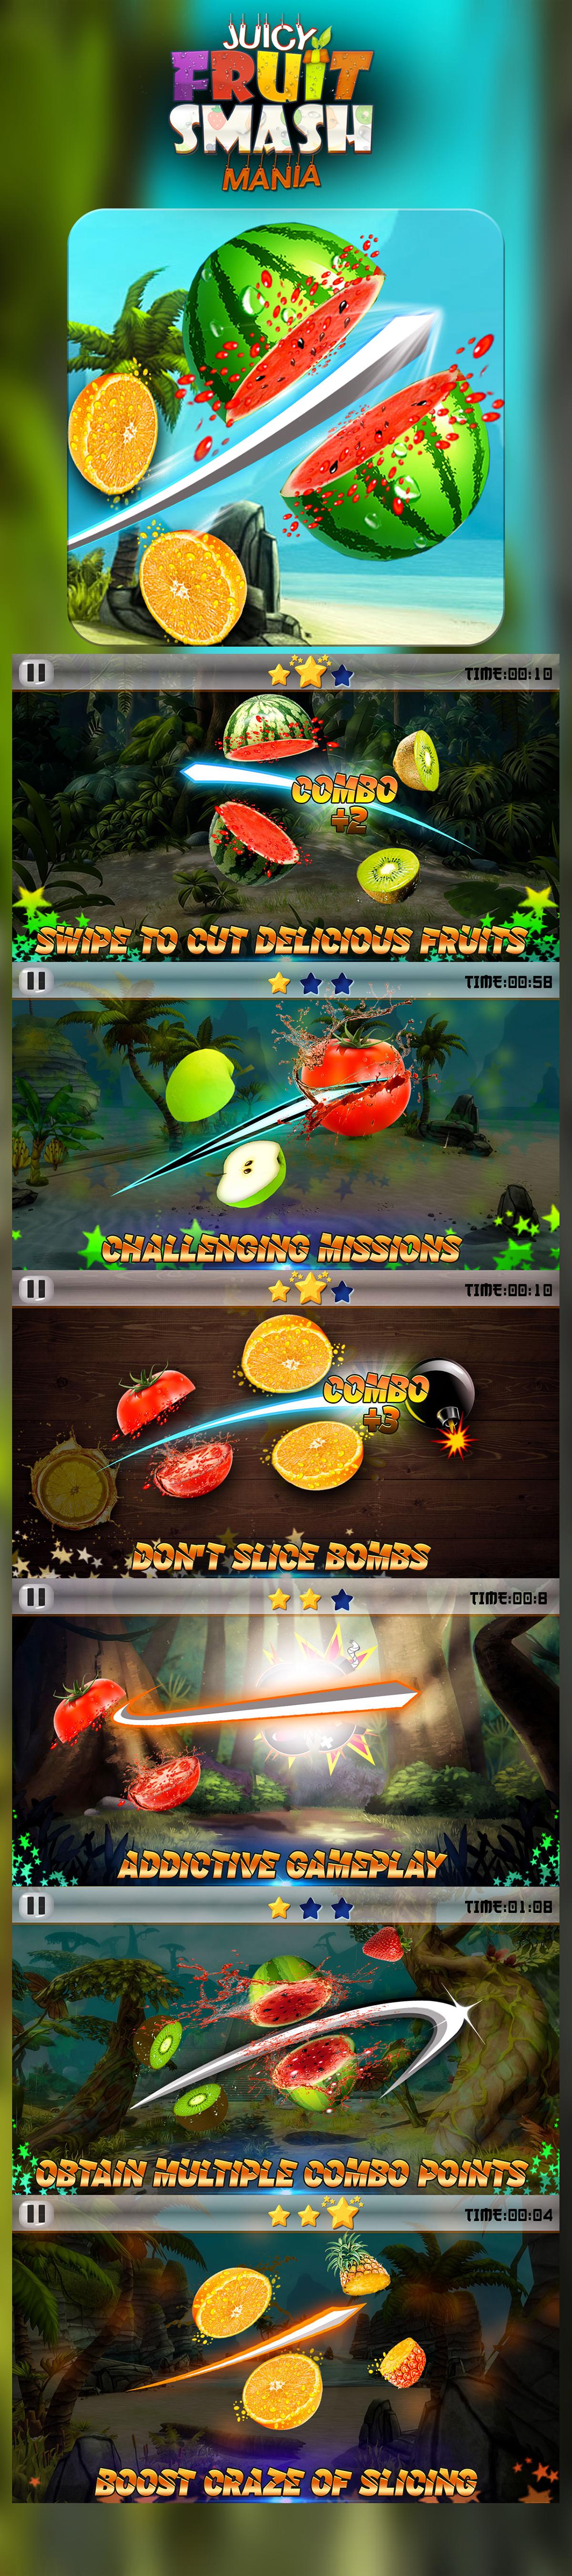 Ninja samsung s5253 wave 525 games free download: dertz.